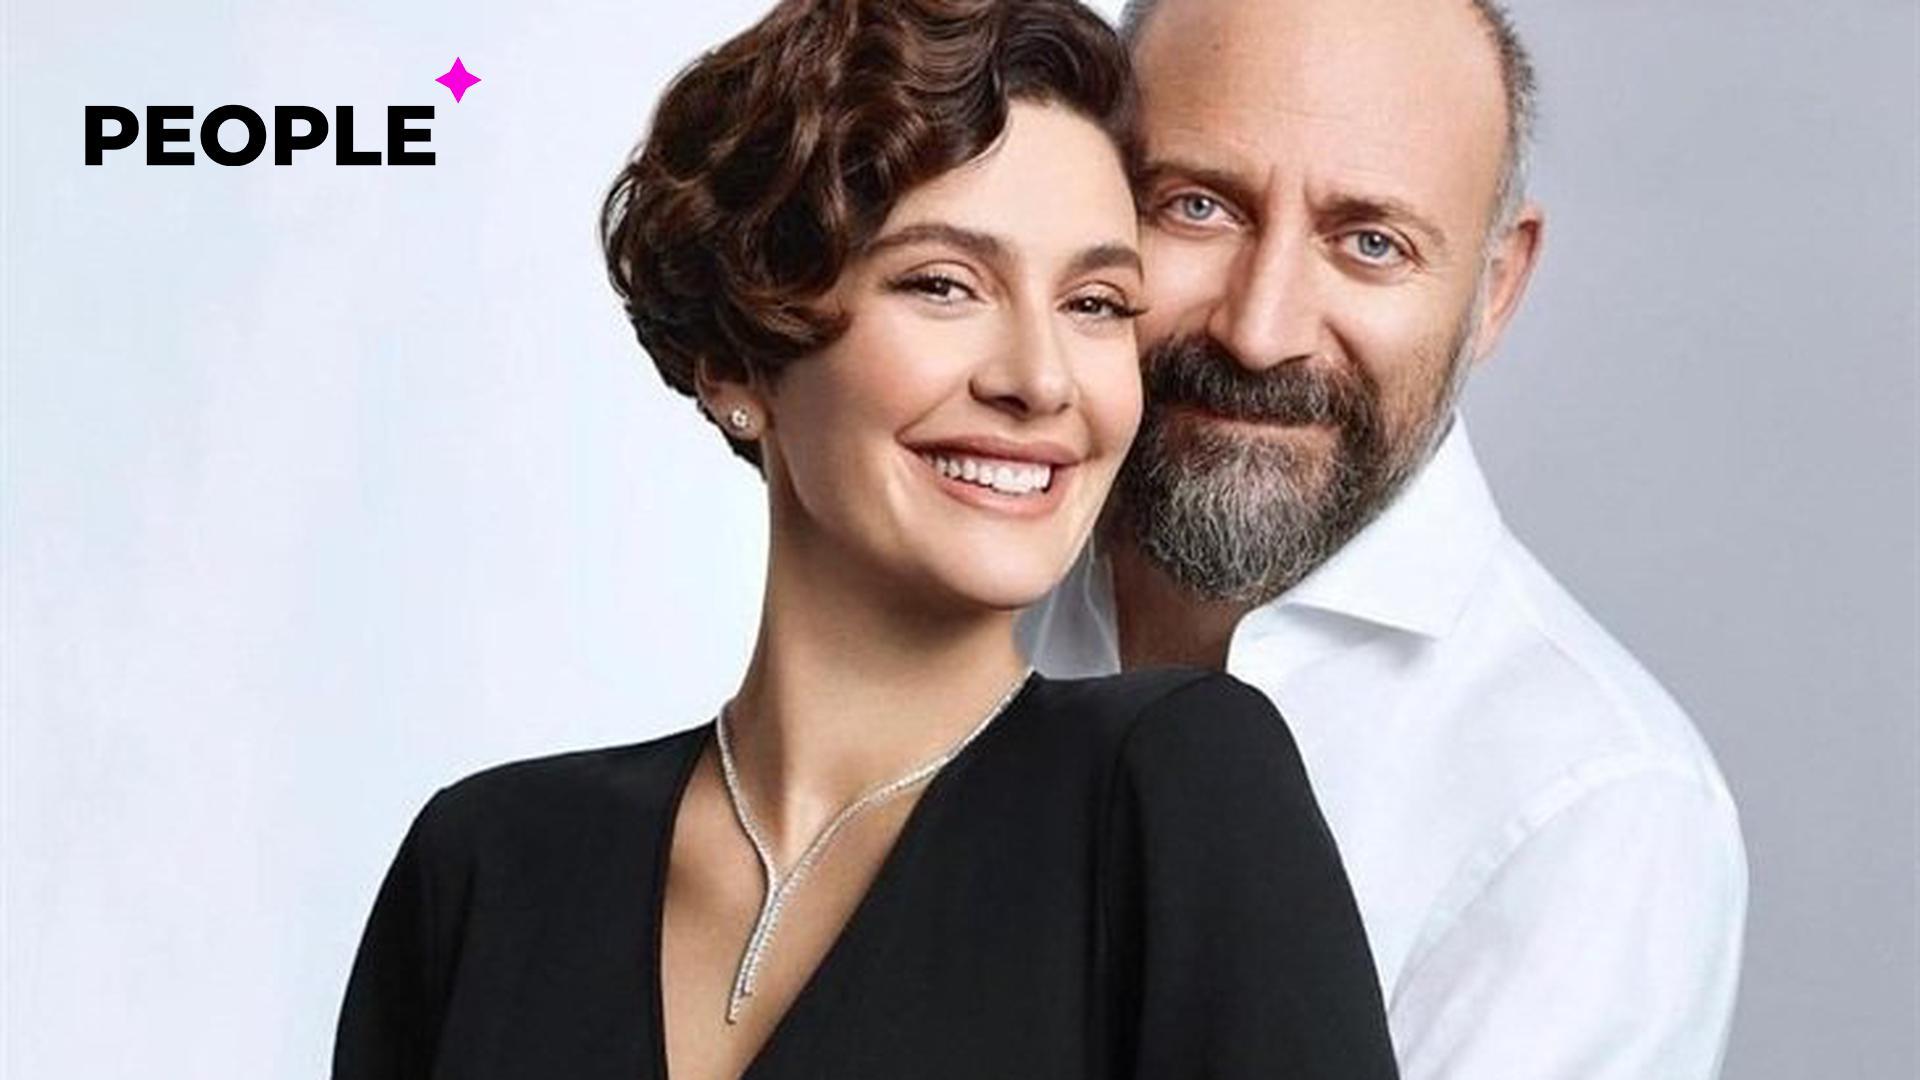 Звезда «Великолепного века» Халит Эргенч рассекретил имя будущей дочери